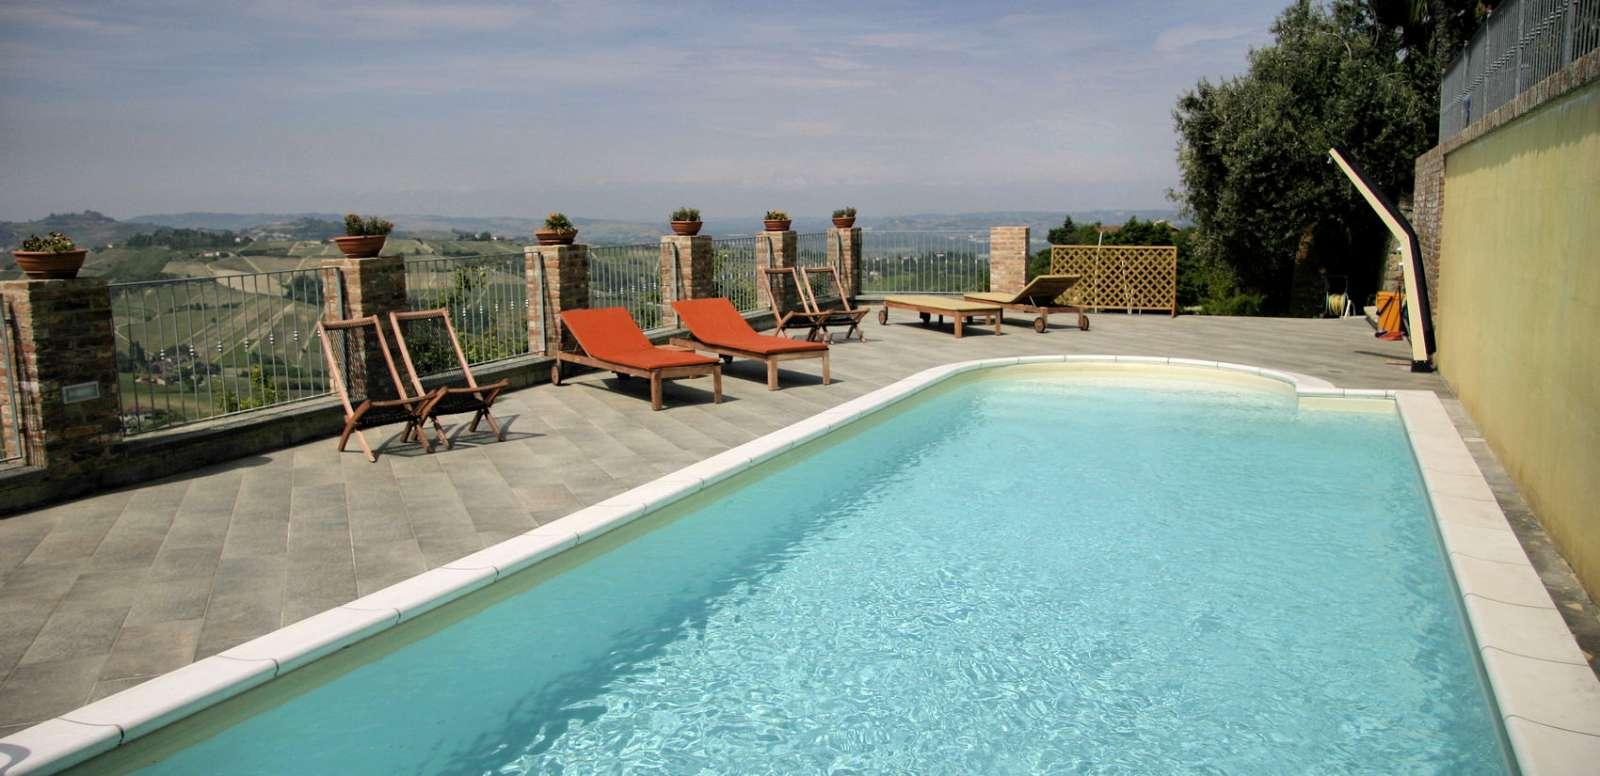 Svømmebassin på Villa Incanto B&B